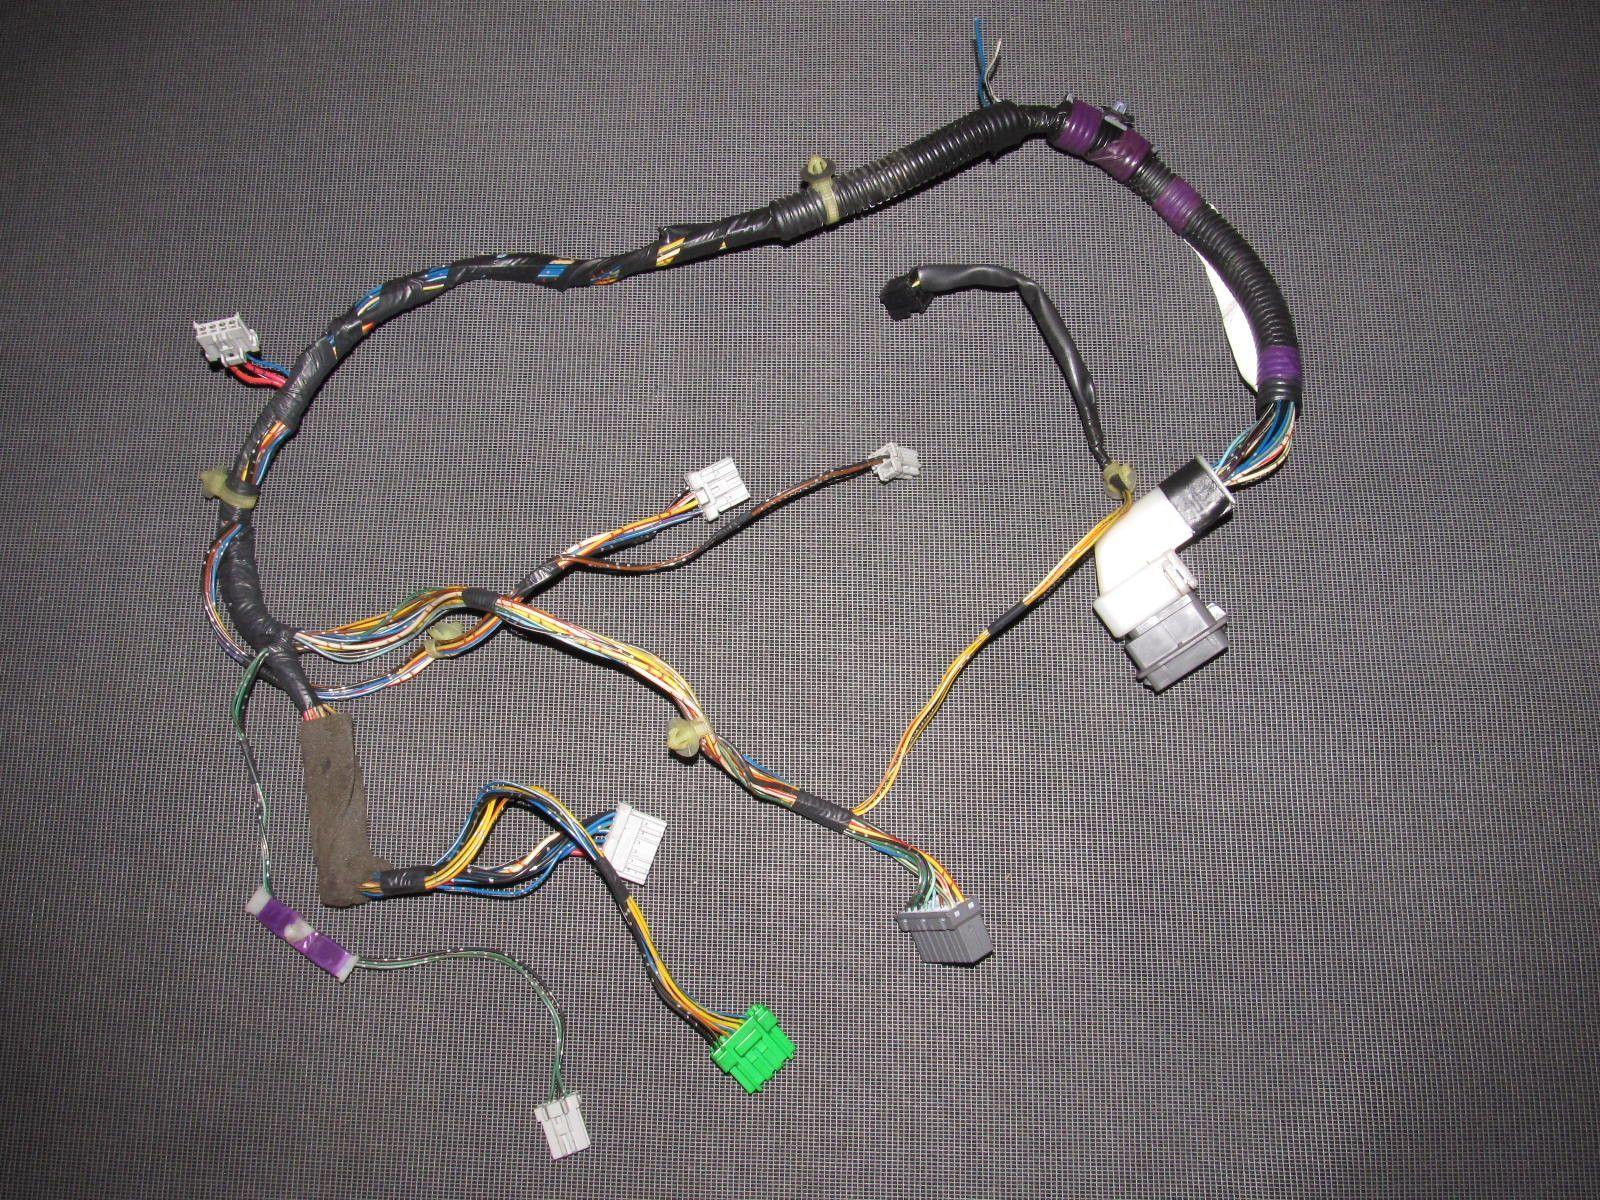 94 95 96 97 98 99 00 01 Acura Integra OEM Door Wiring